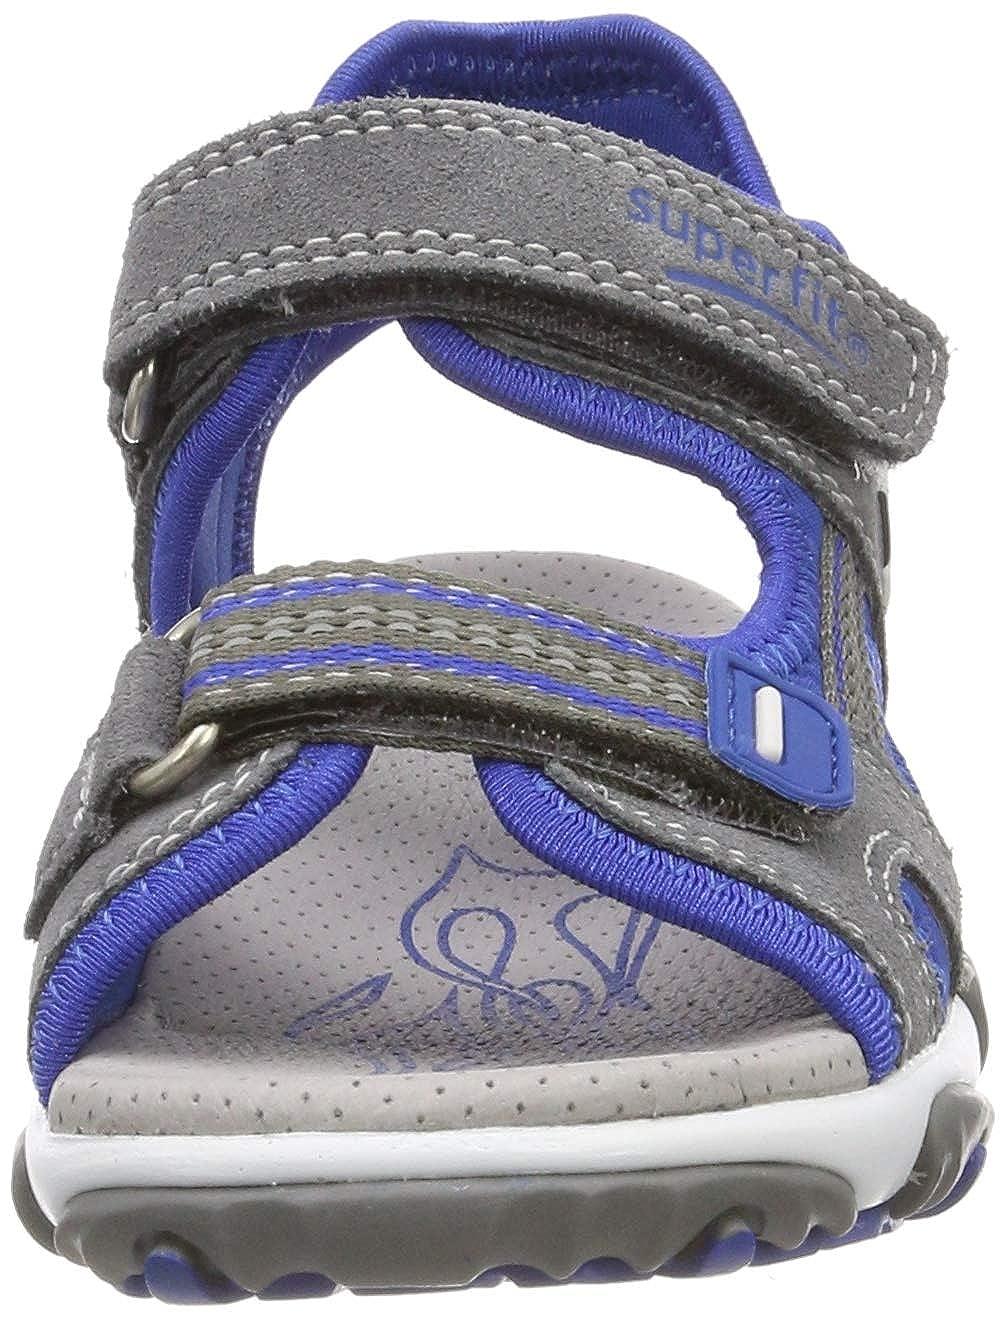 ligero Acuerdo política  Sandalias de vestir superfit Mike 2 Sandalia con Pulsera para Niños Zapatos  y complementos